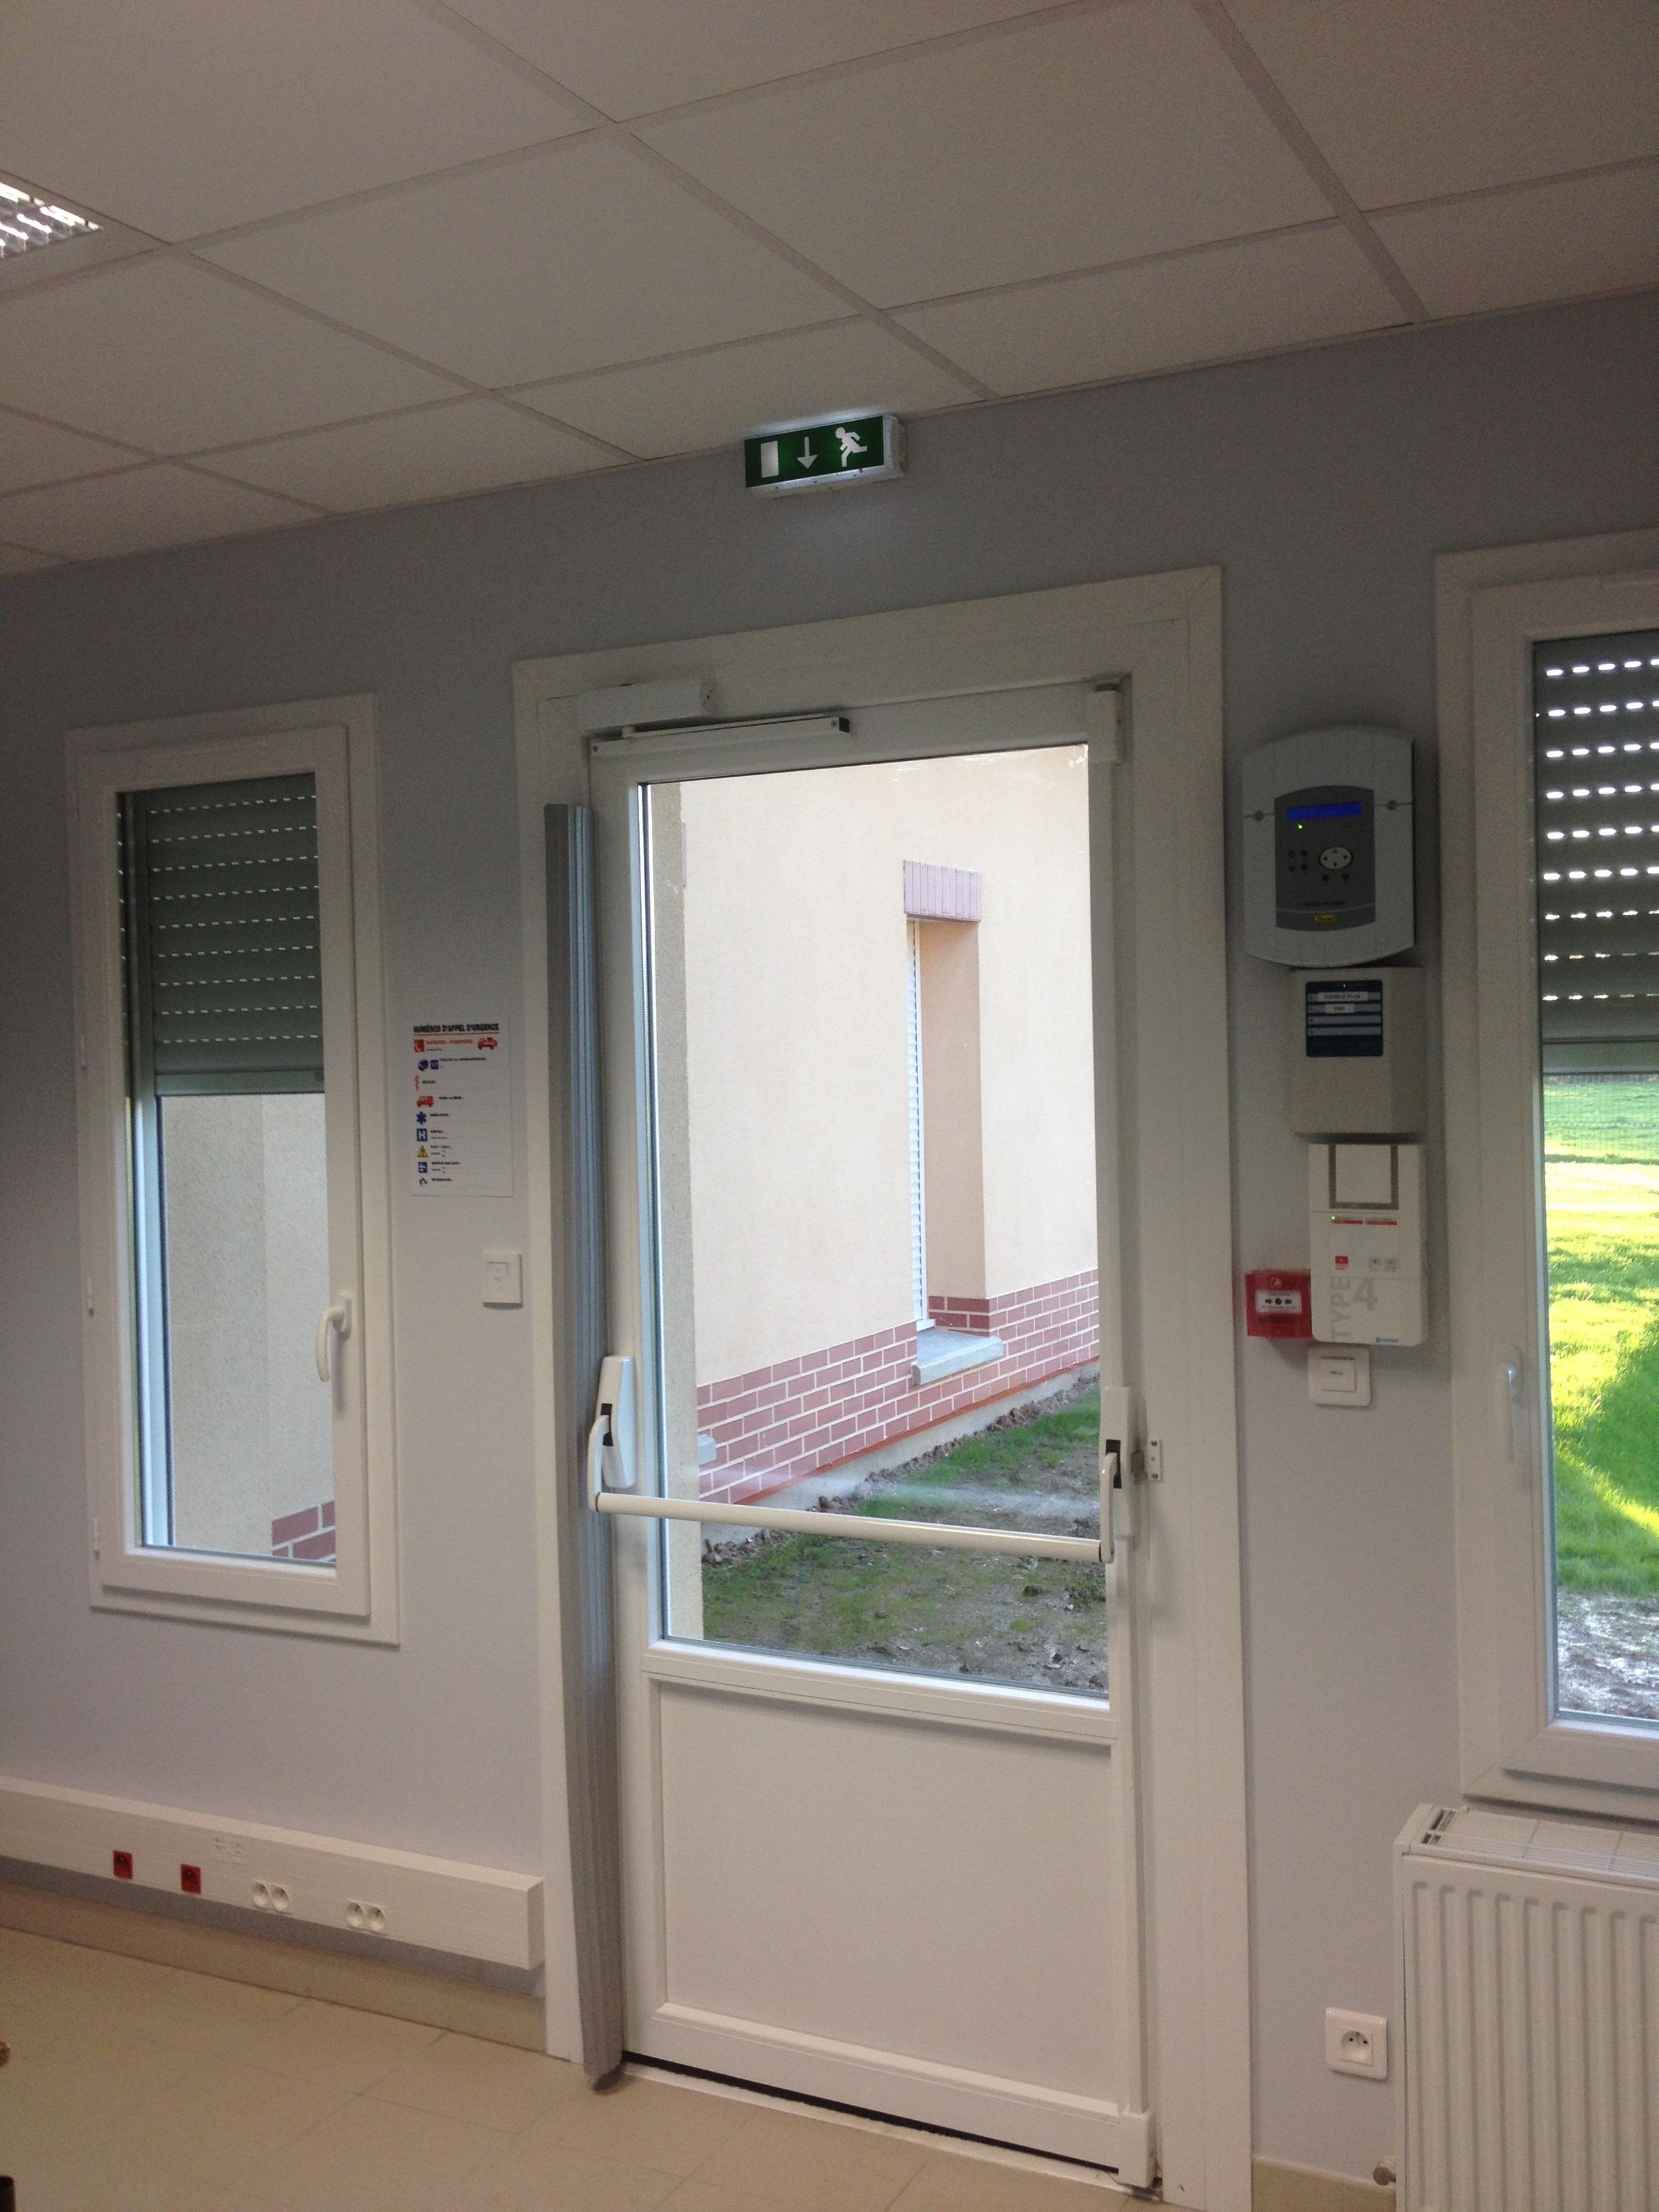 L'entreprise d'électricité générale Sedelec électricité a été choisie pour effectuer l'installation électrique de la nouvelle école dans la commune de la Rue Saint-Pierre dans le département de l'Eure.